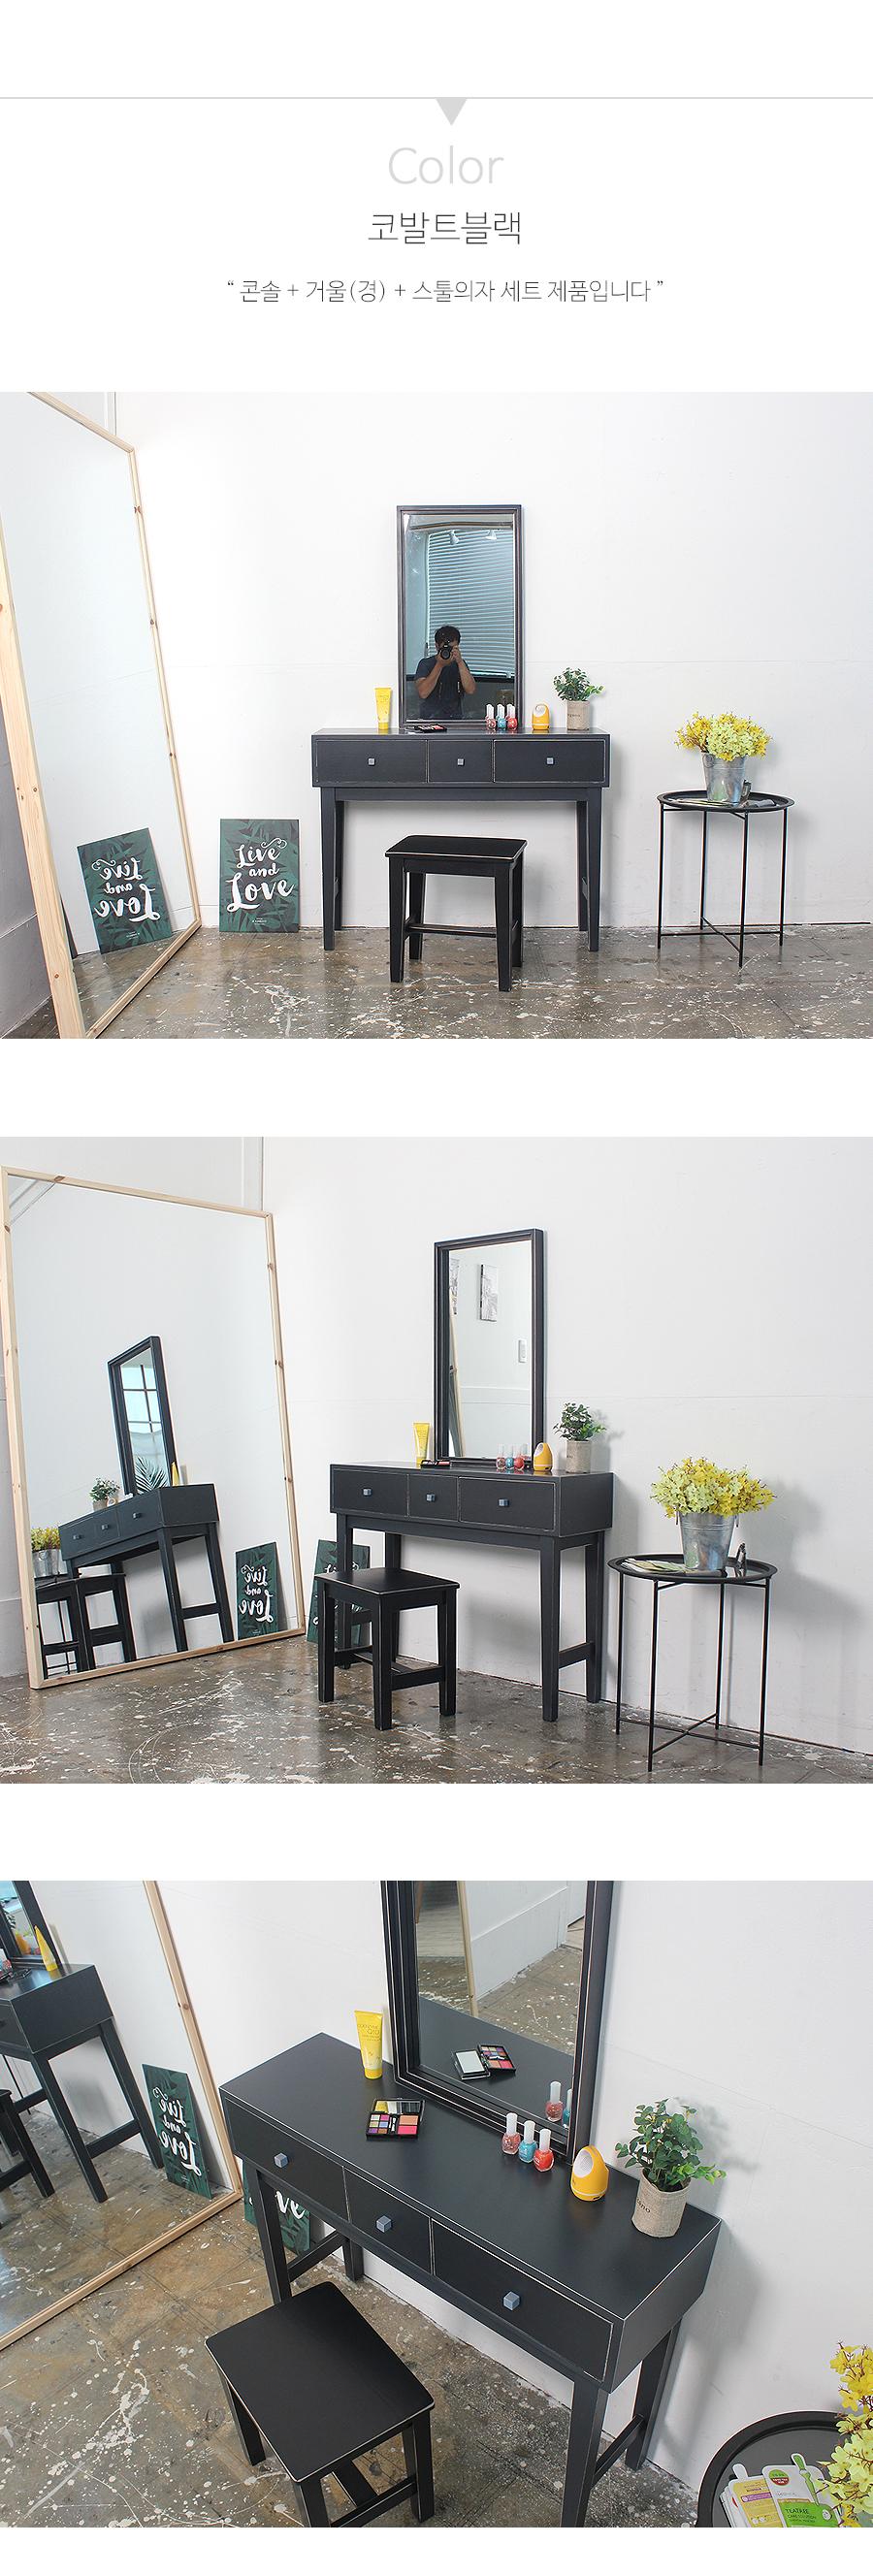 라디아 원목 서랍식 화장대 세트 콘솔세트 - 가구언니, 249,000원, 화장대, 화장대 세트